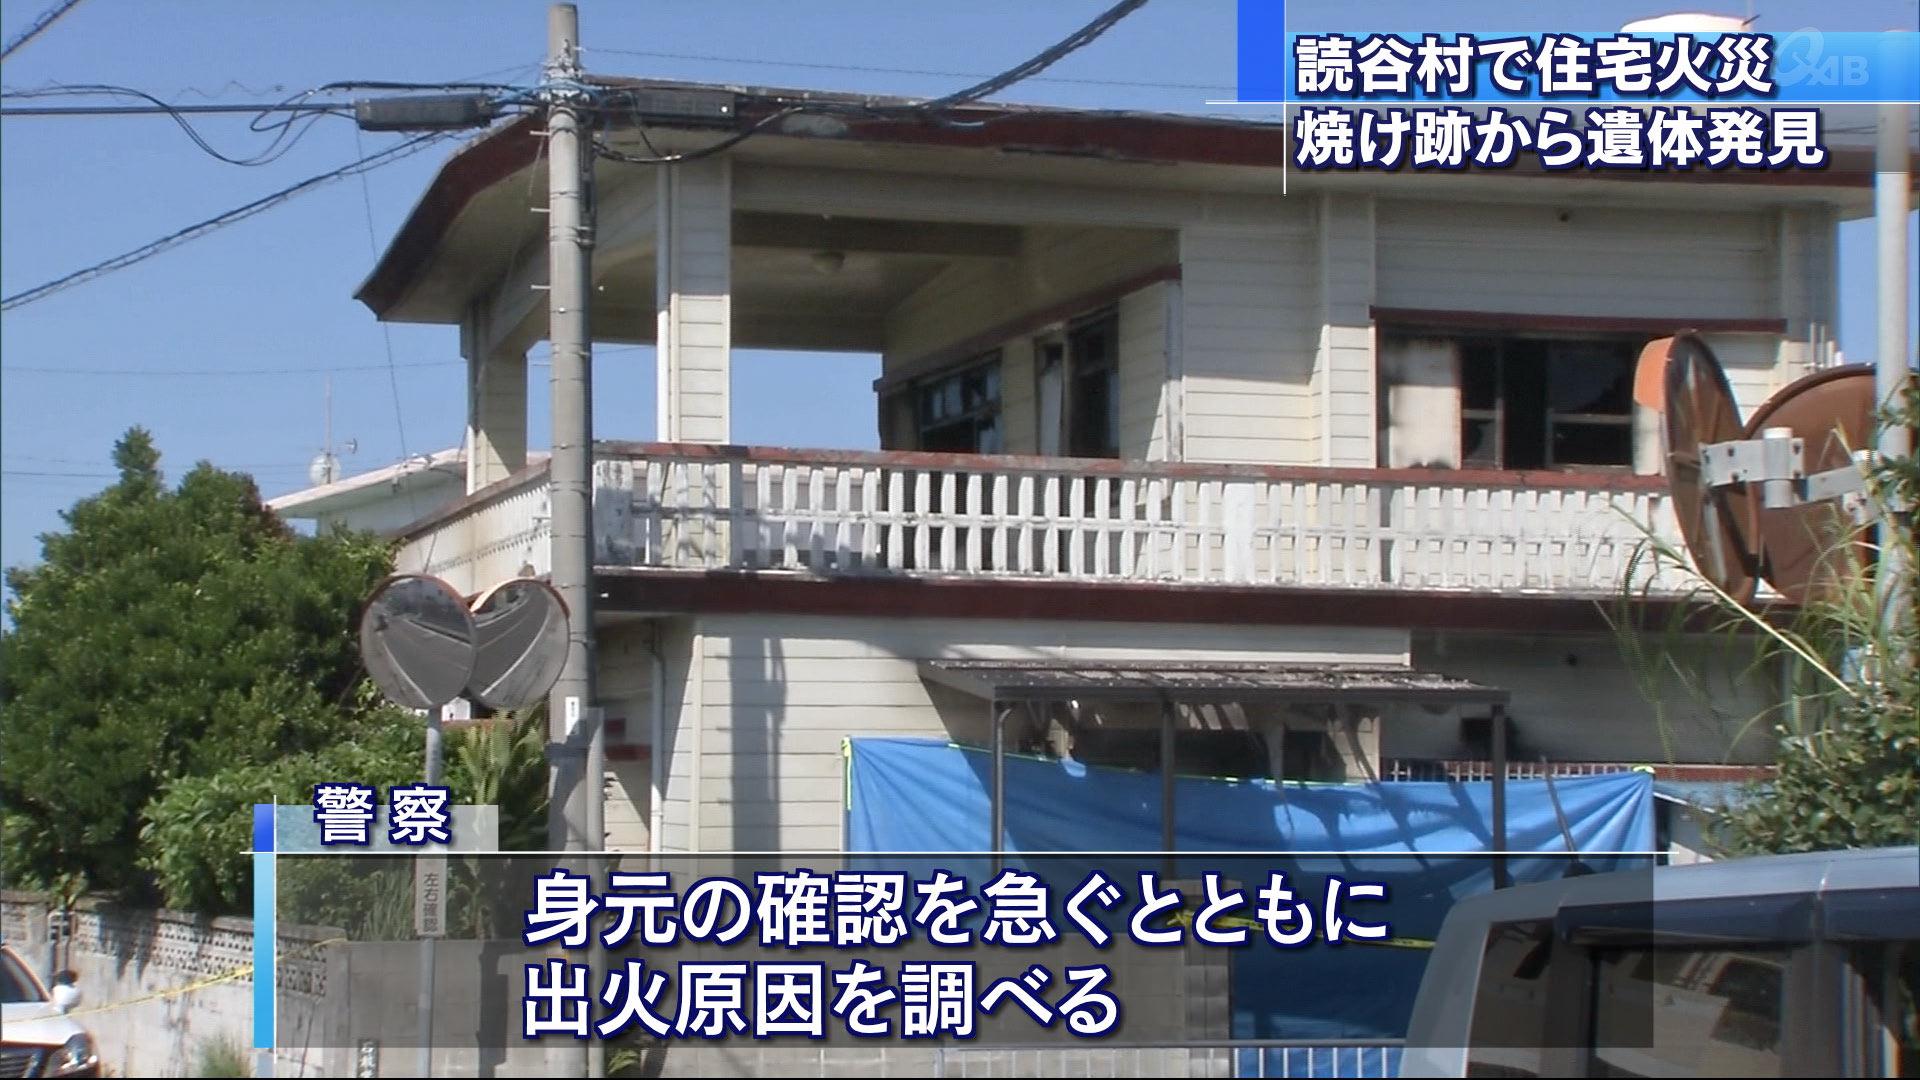 住宅が全焼する火事 焼け跡から遺体発見